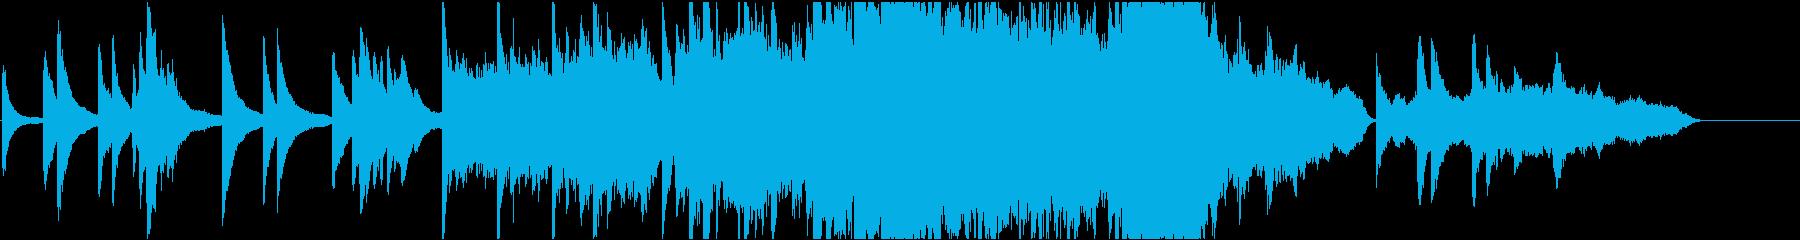 企業VP33 24bit44kHzVerの再生済みの波形